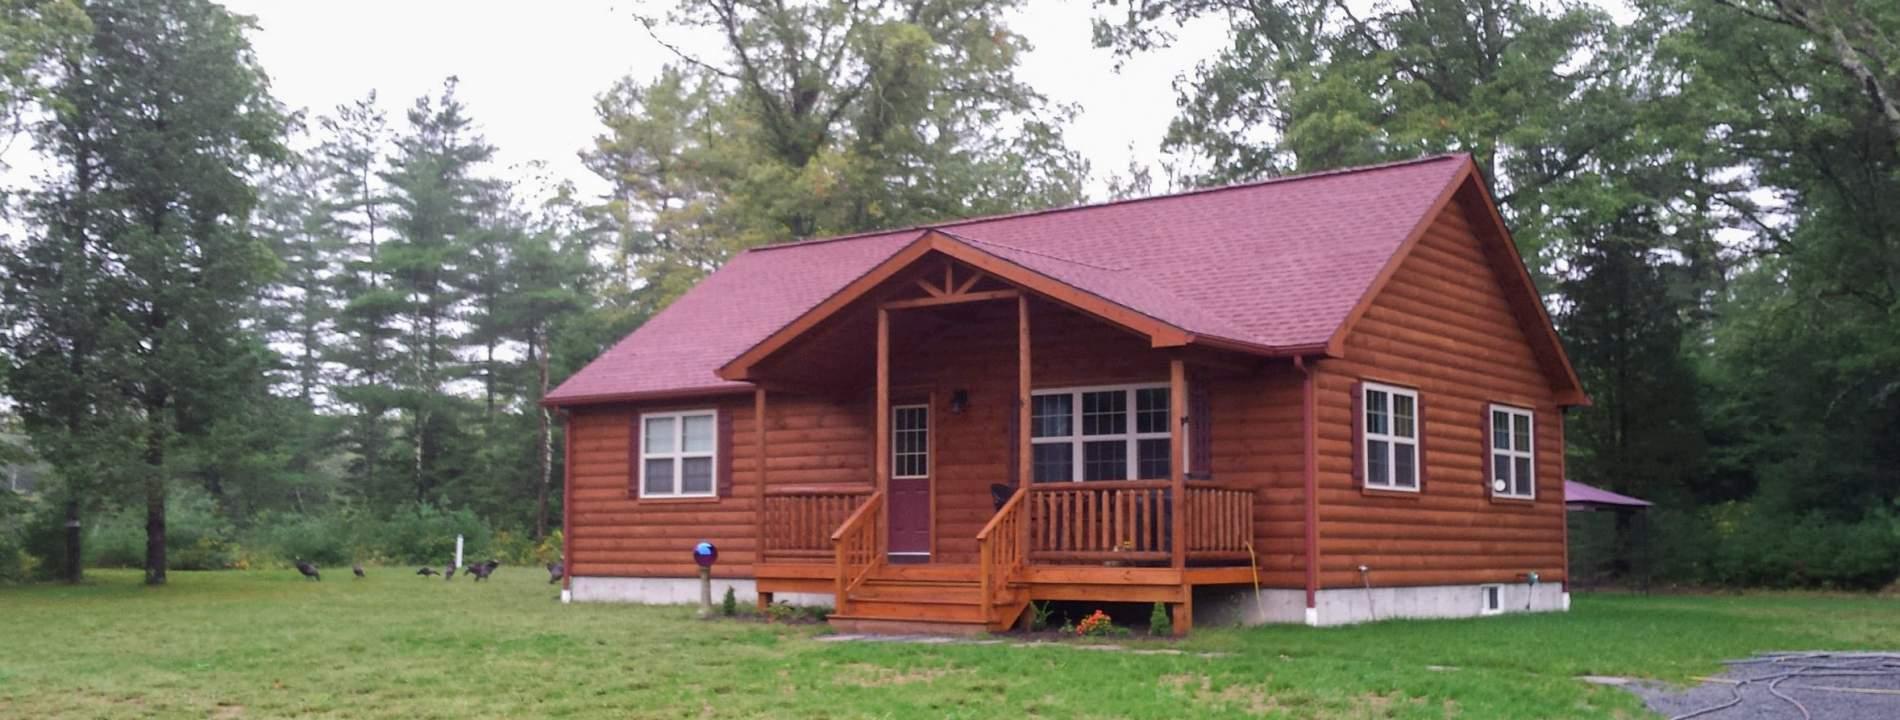 Pioneer Log Cabins 1